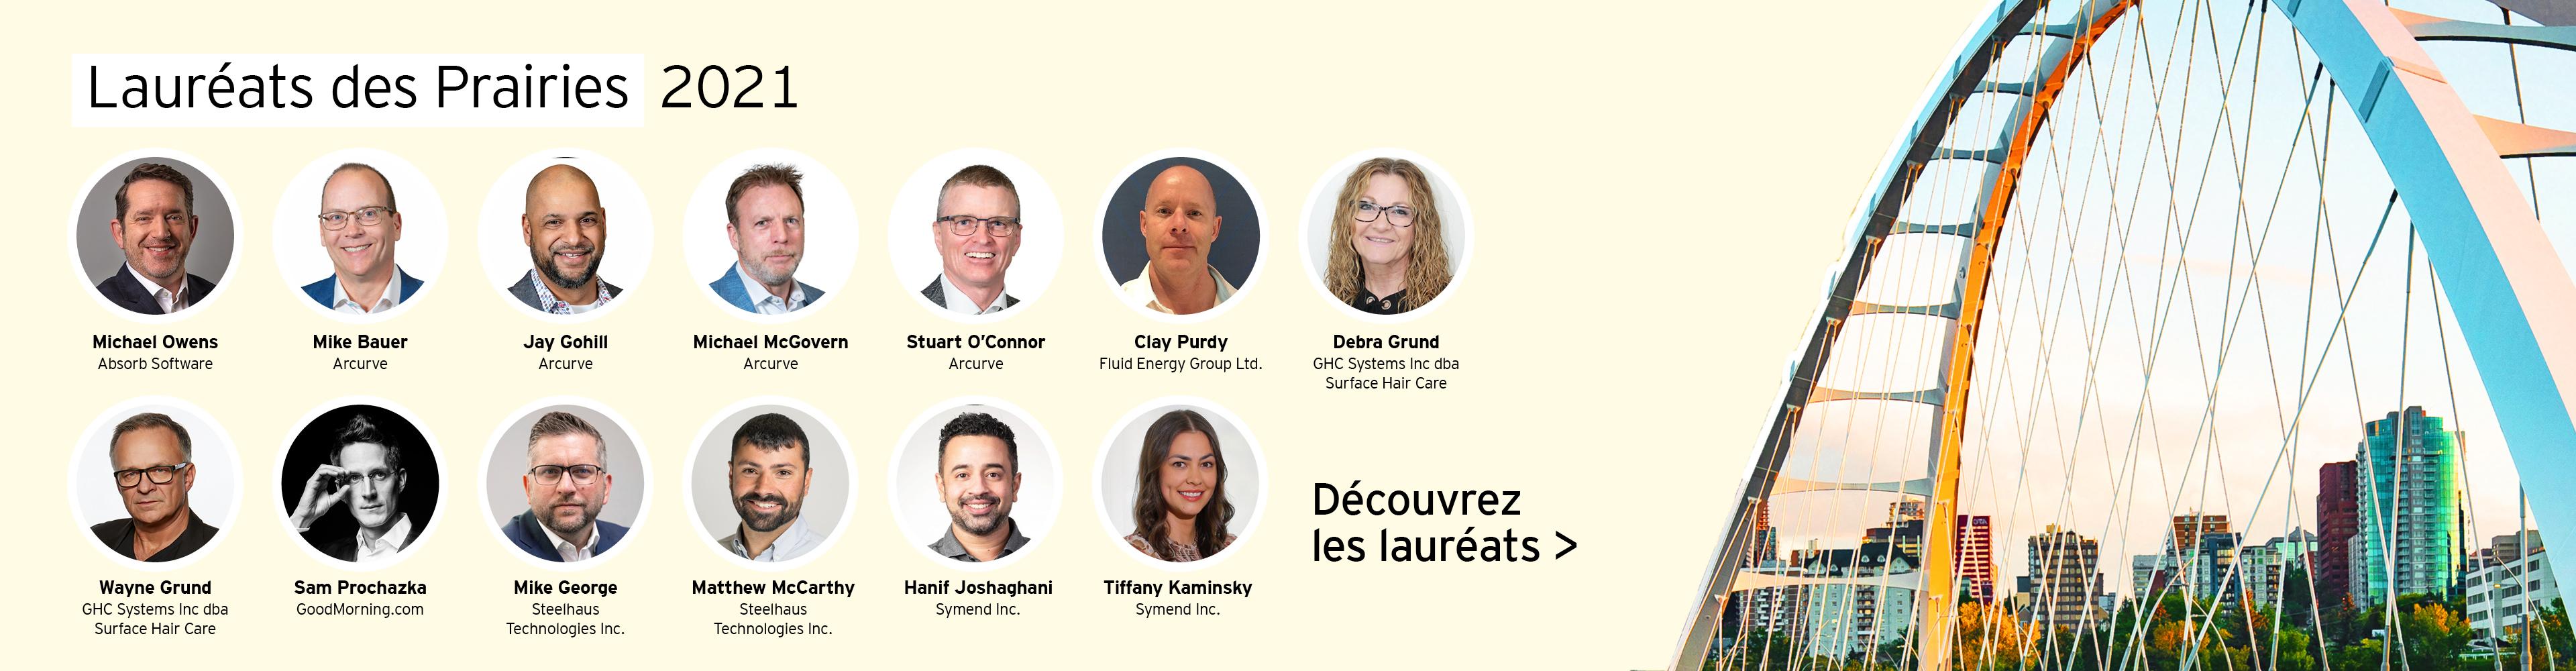 Entrepreneurs de l'année 2021 des Prairies